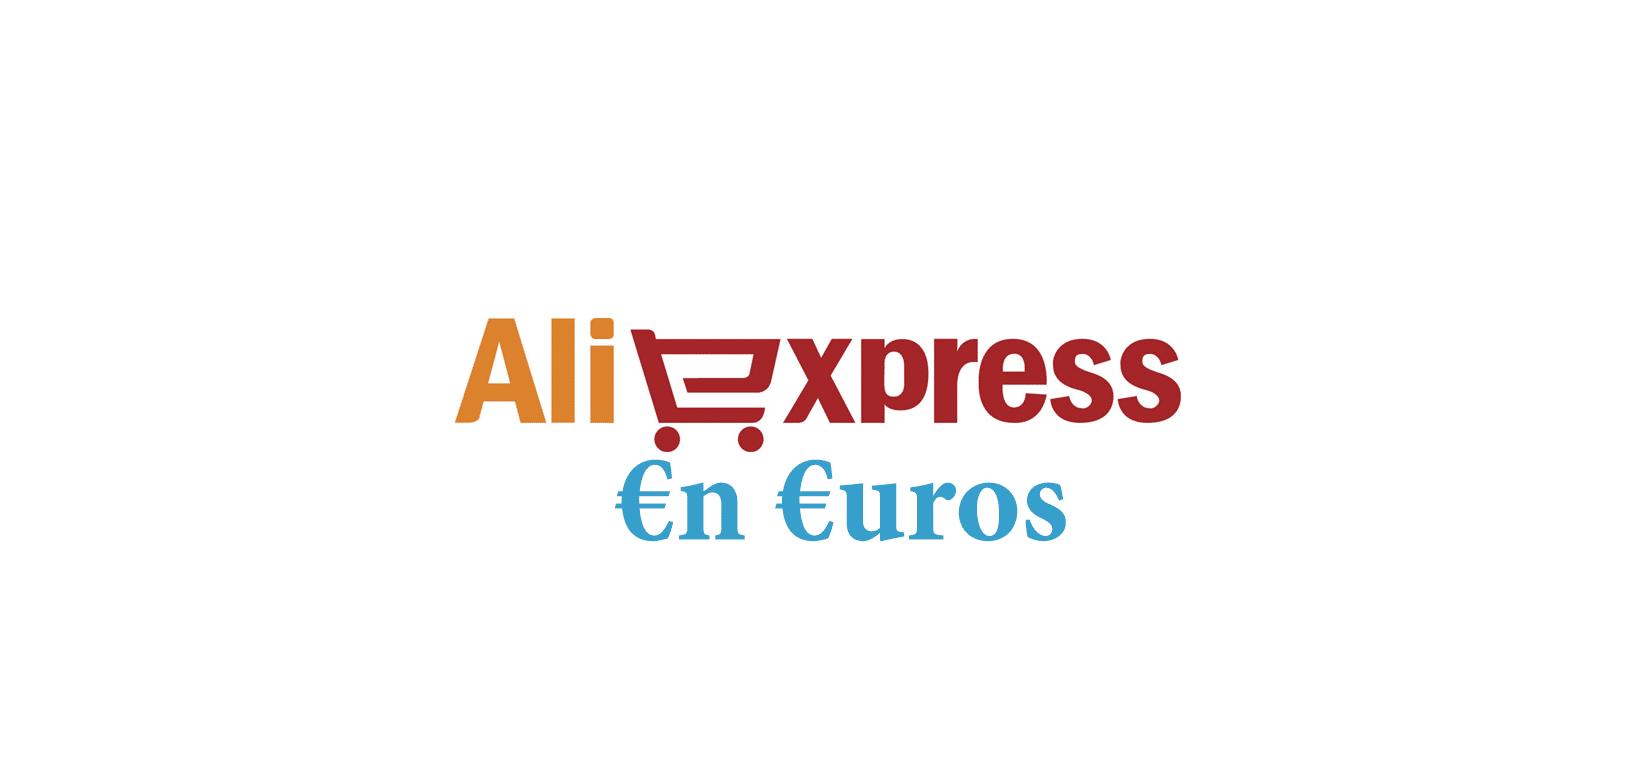 Cómo poner AliExpress en Español y en Euros – mayo 2018